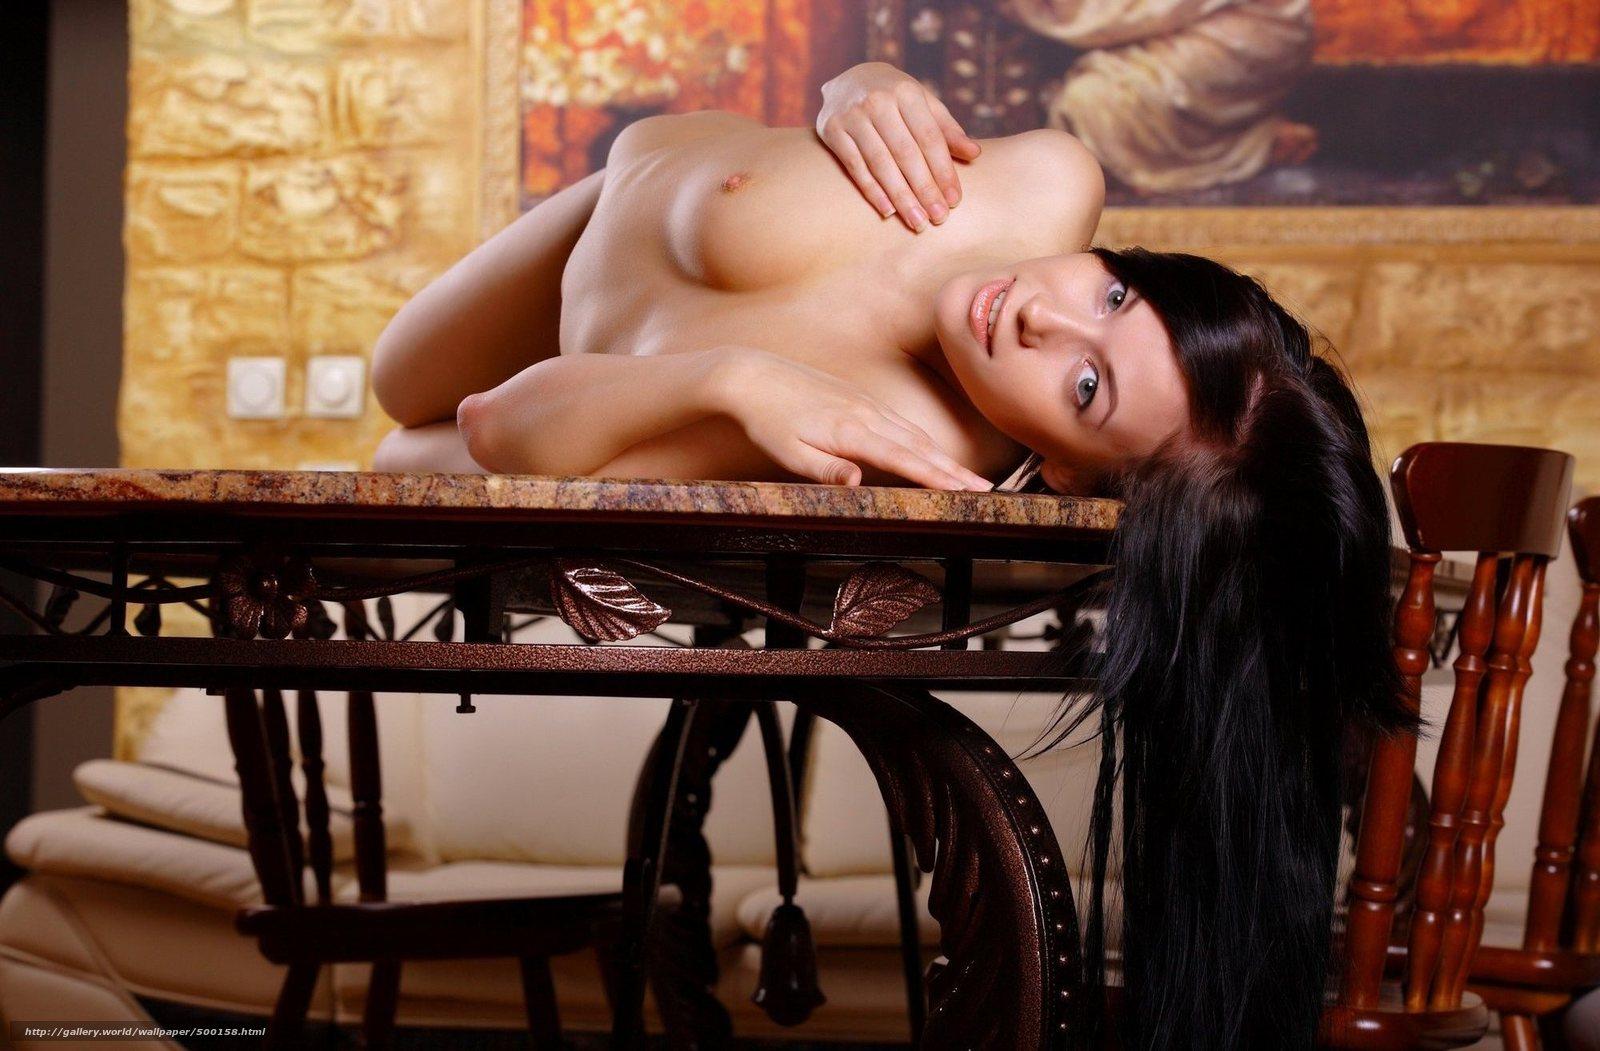 eroticheskie-fotografii-v-jpg